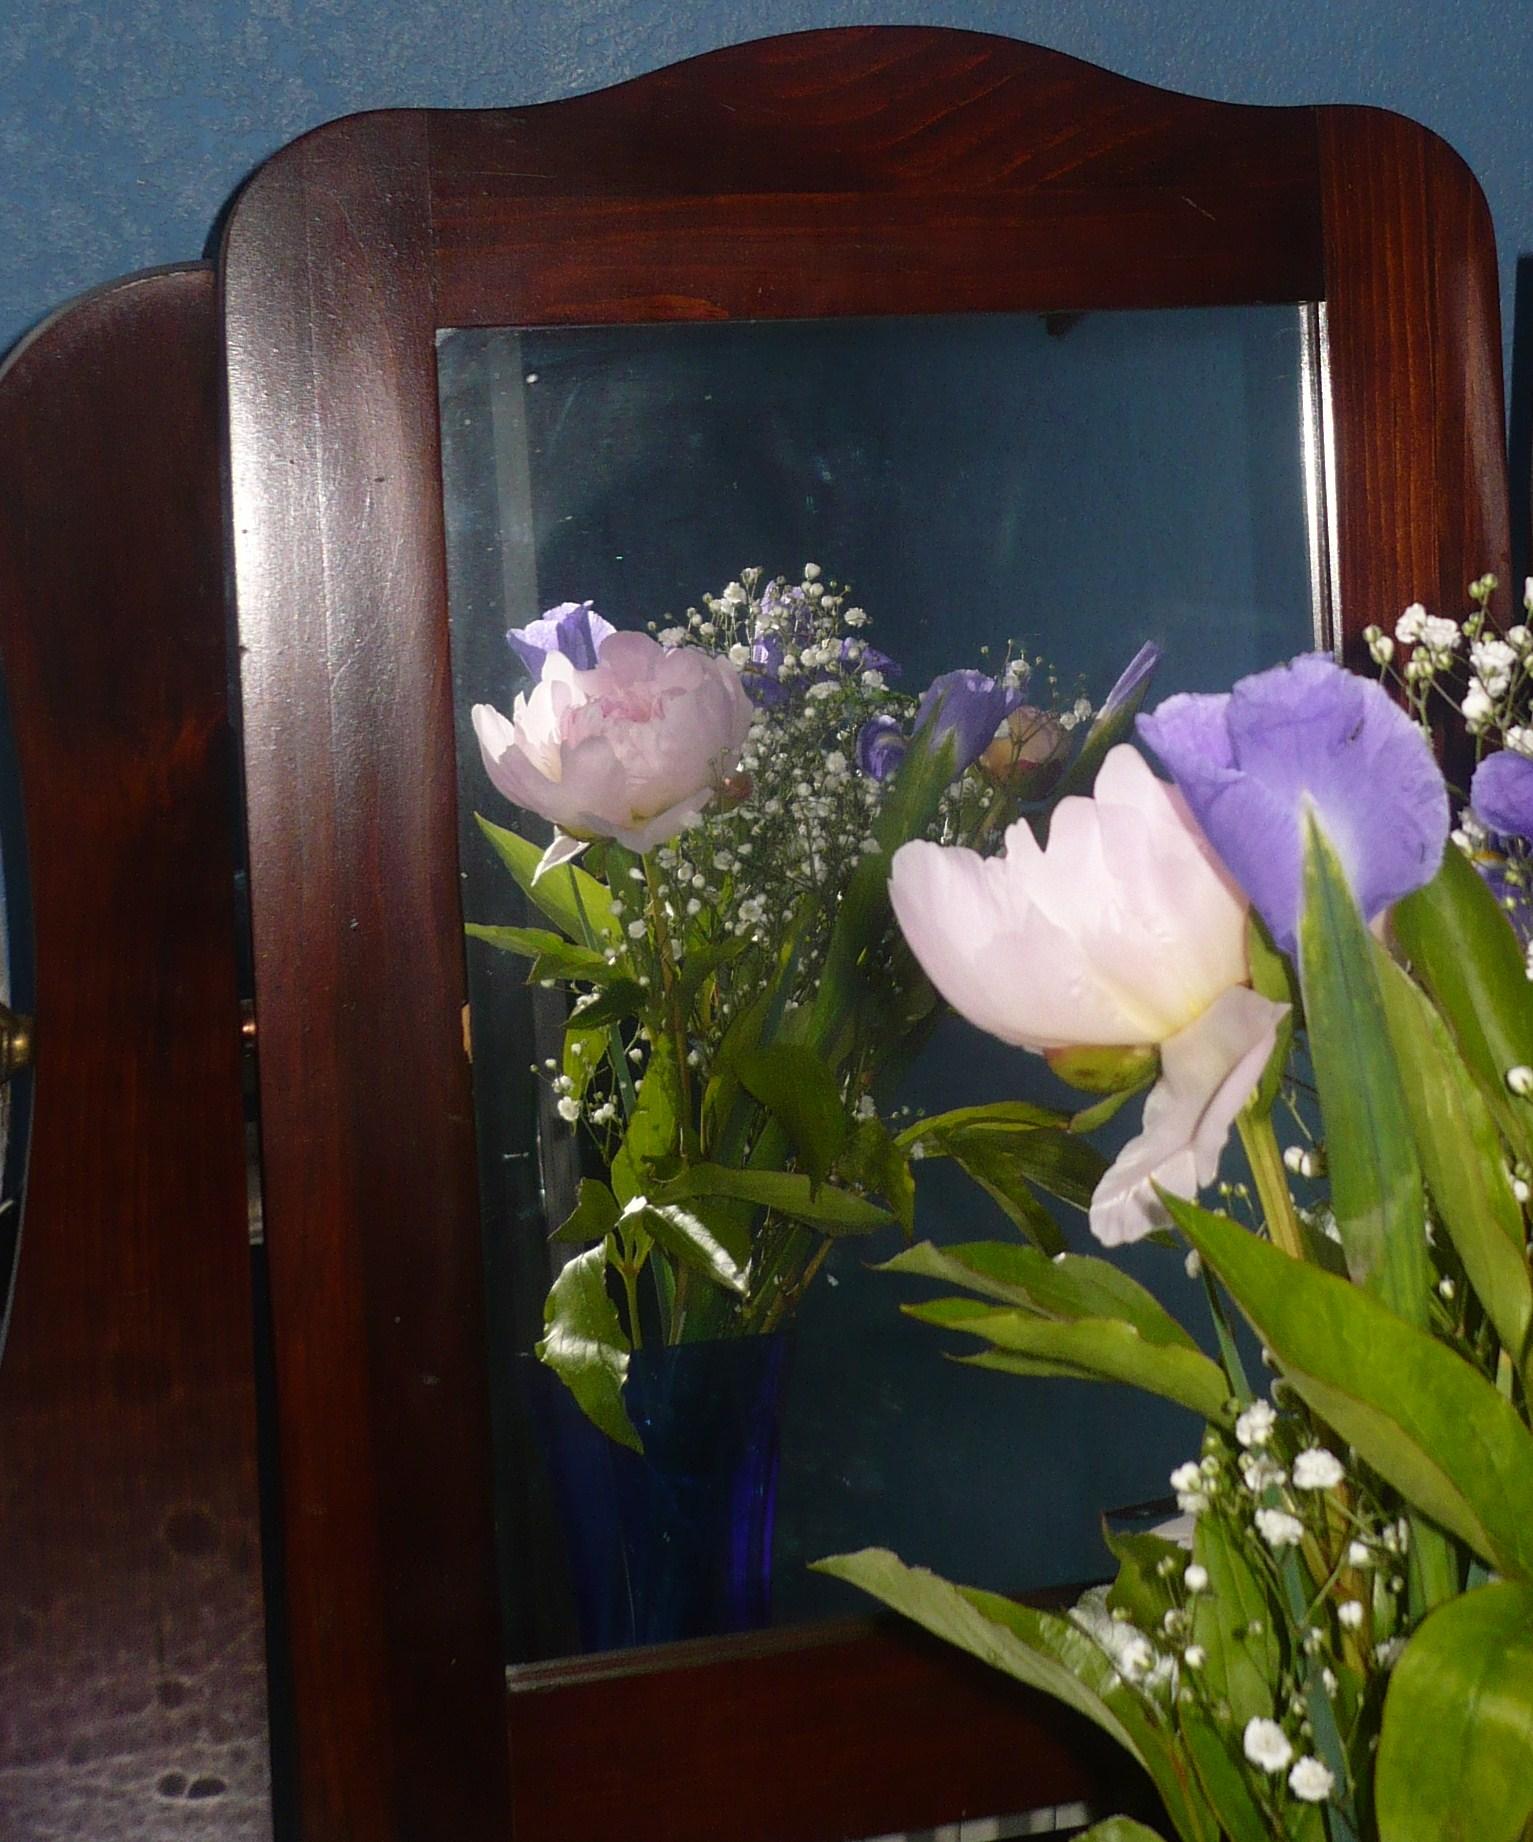 des-fleurs-roses-dans-le-miroir-002.JPG